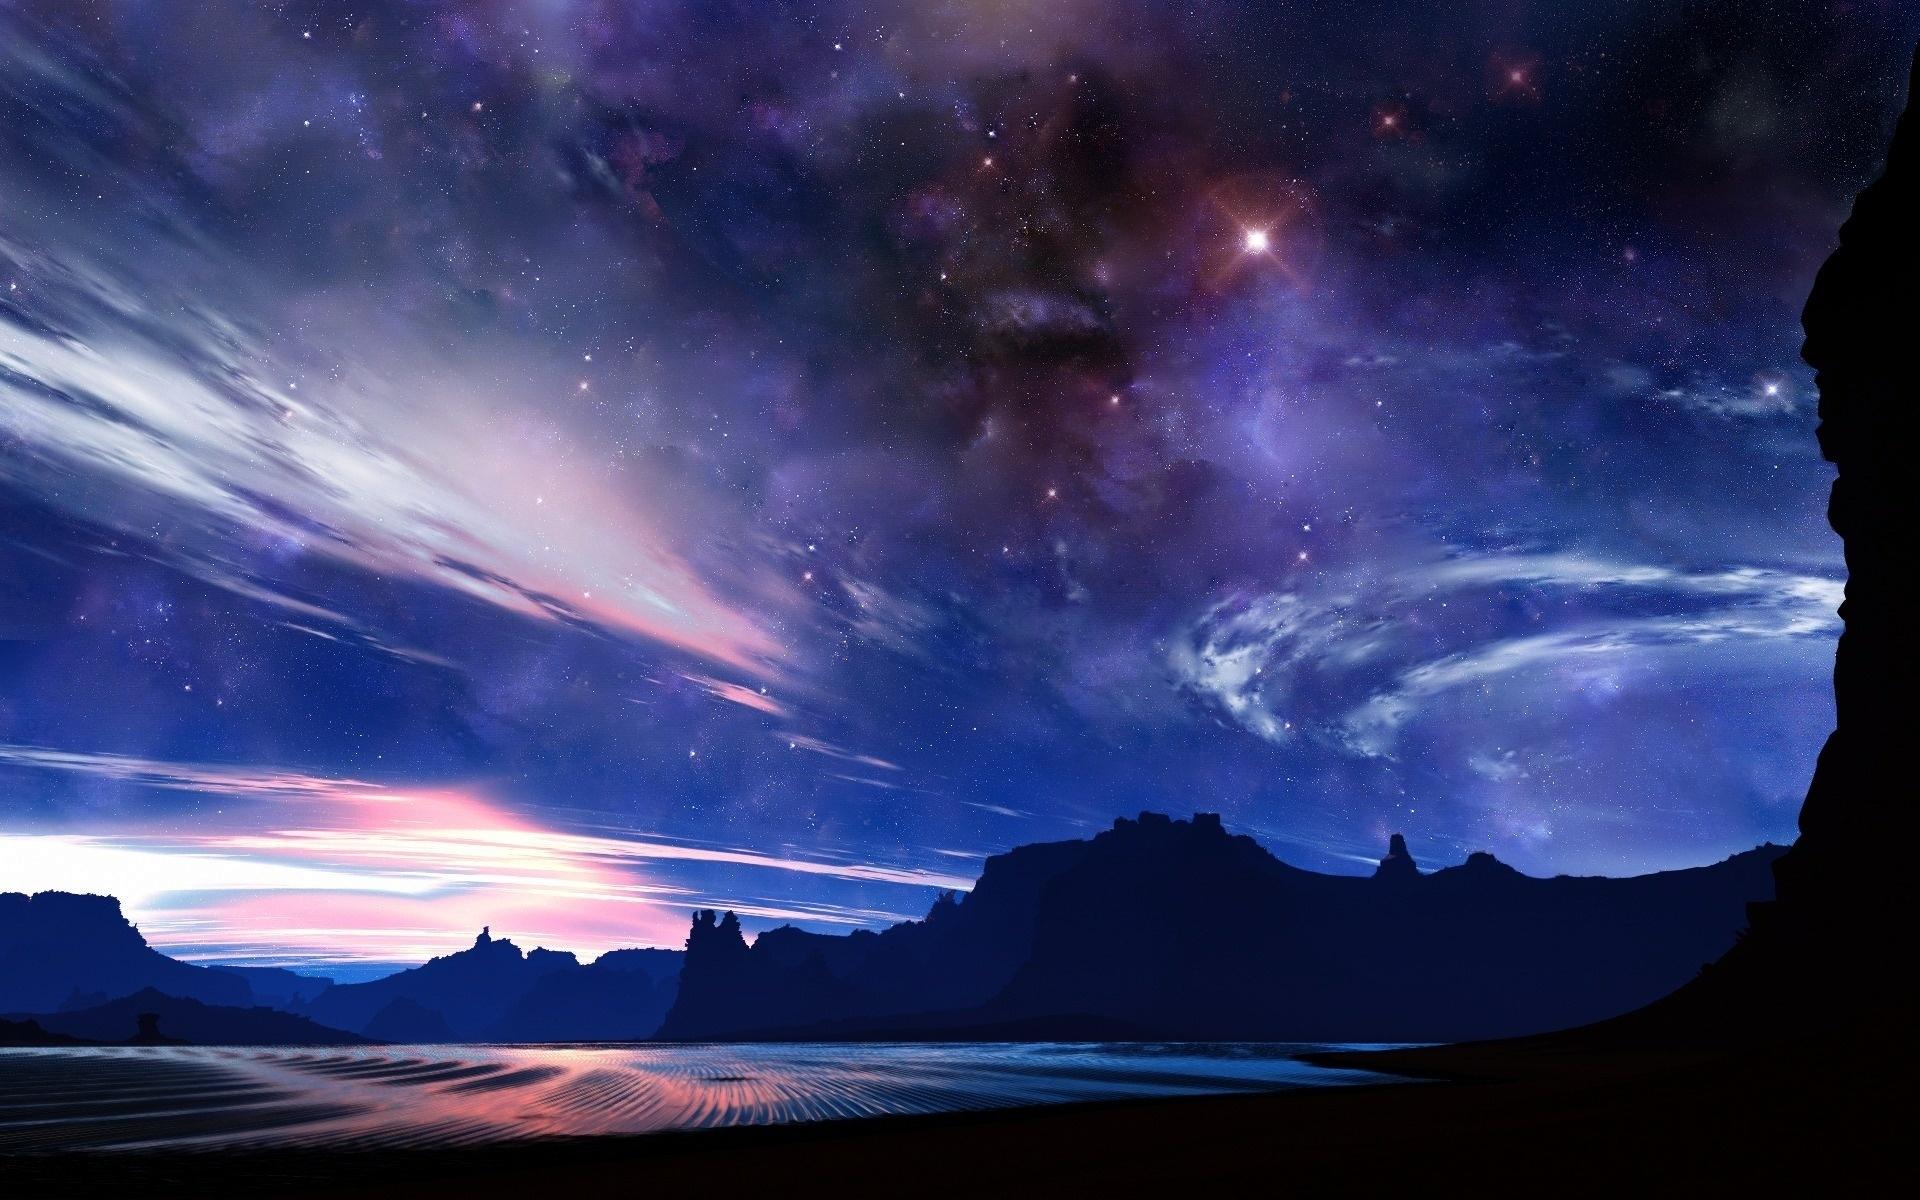 Free Starry Night Sky Background Loop [free worship loops] - YouTube